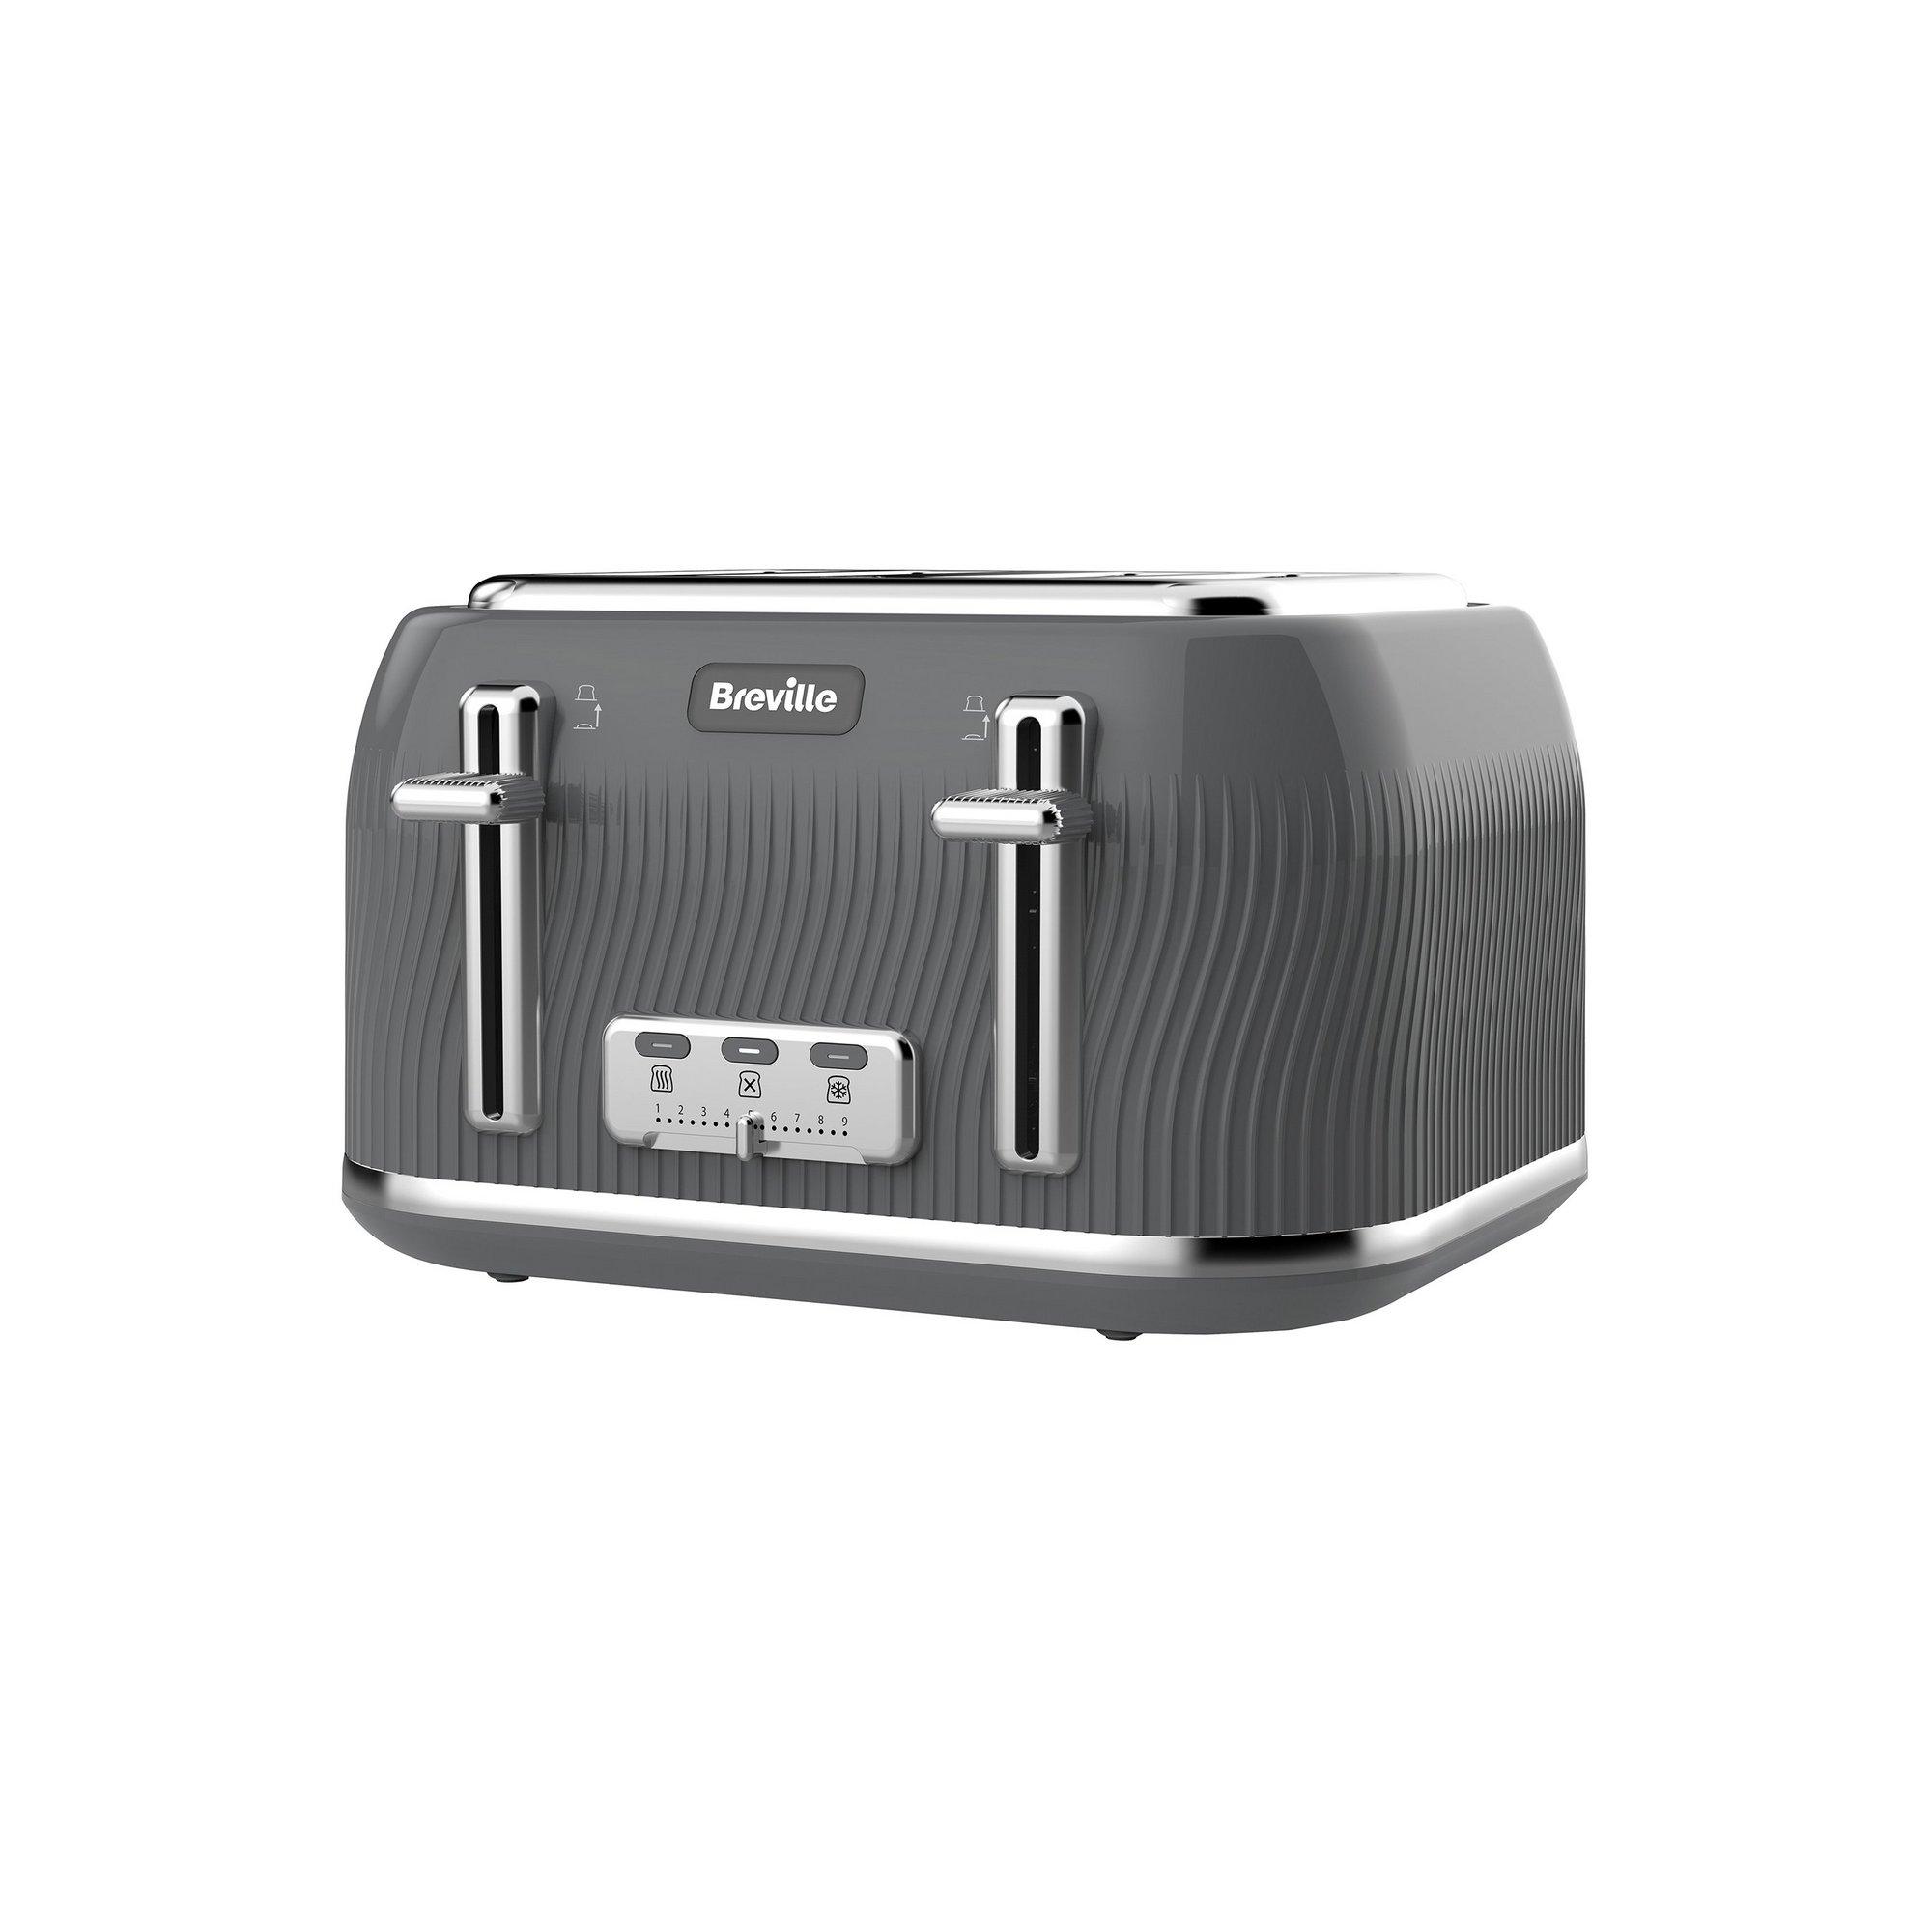 Image of Breville Flow 4-Slice Toaster